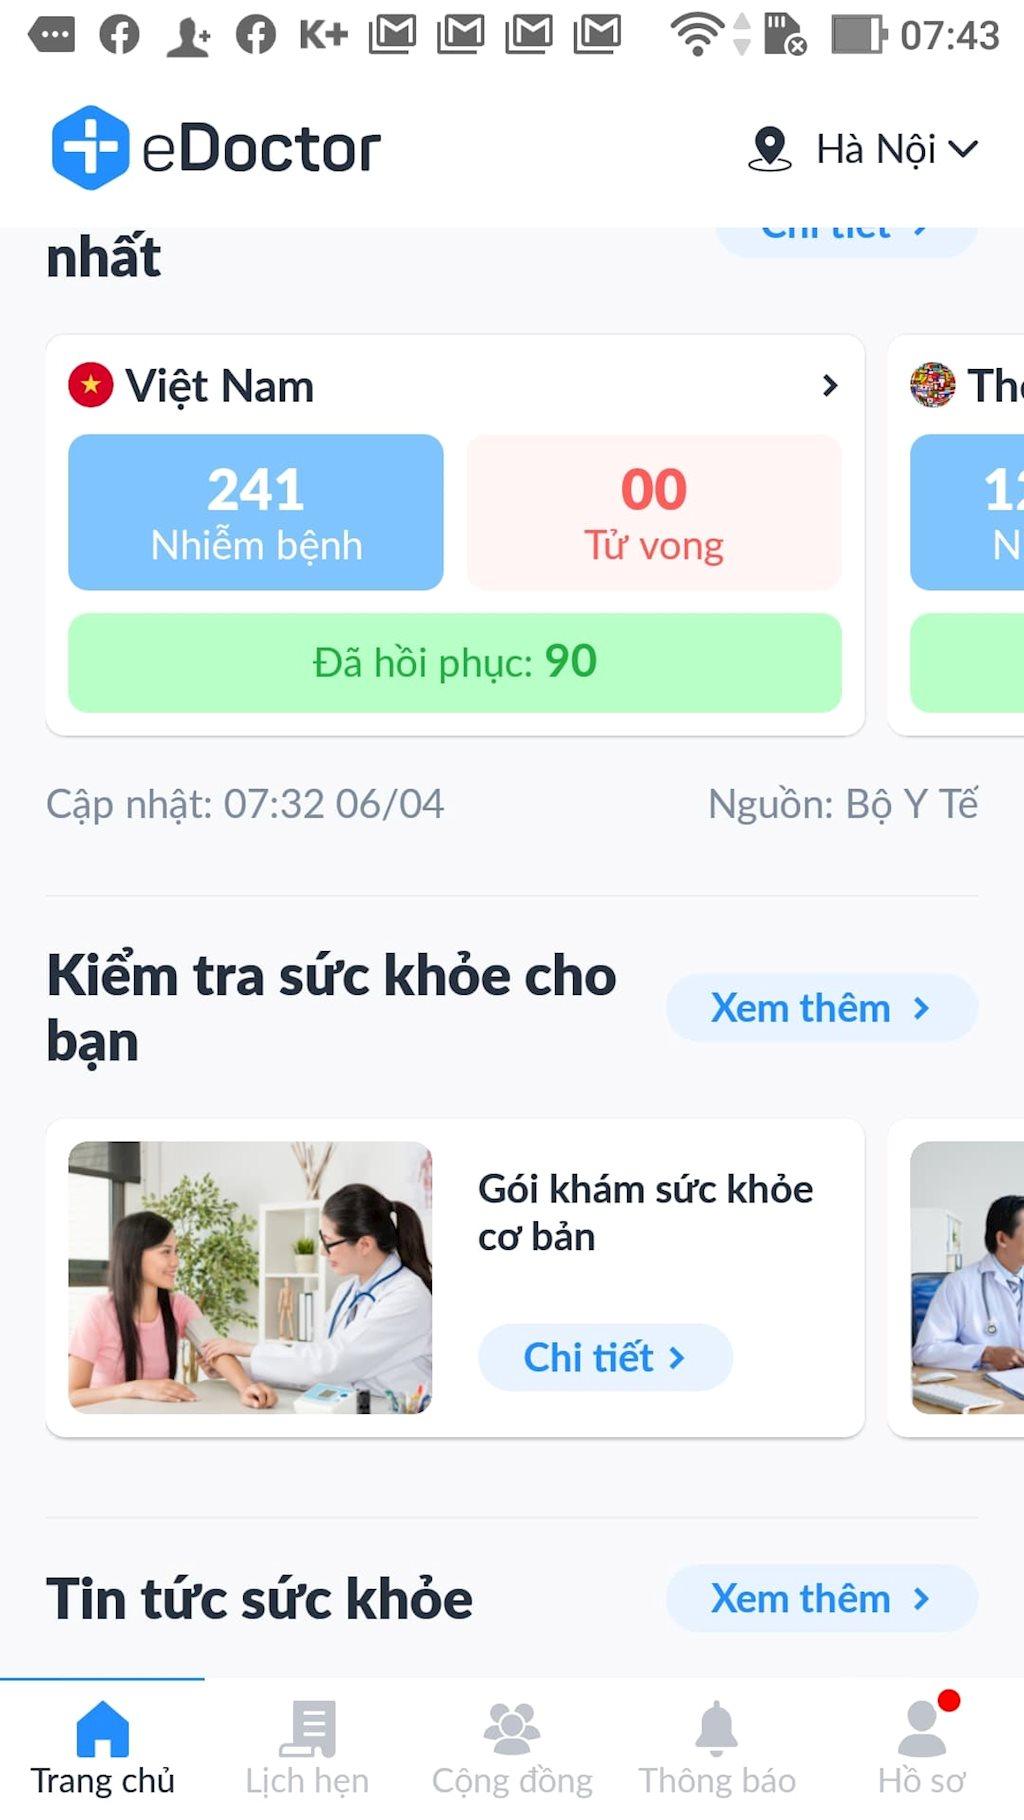 b8-huong-dan-dang-ky-kham-benh-tai-nha-tren-app-cach-dat-lich-kham-benh-online.jpg